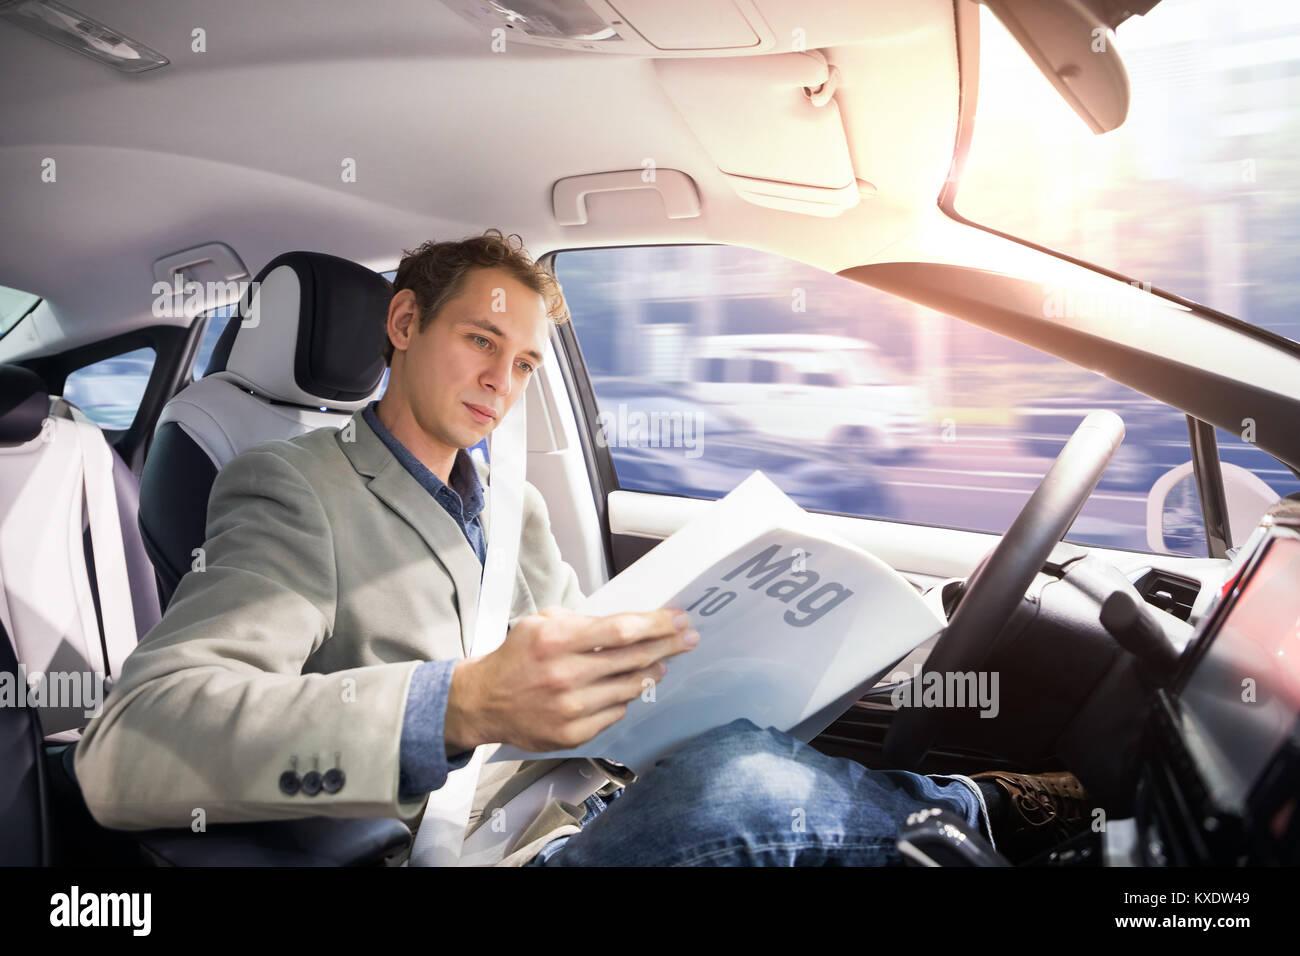 Controlador caucásica Leer revista en coche autónomo. Auto se conduce el vehículo. Coches sin conductor. Imagen De Stock